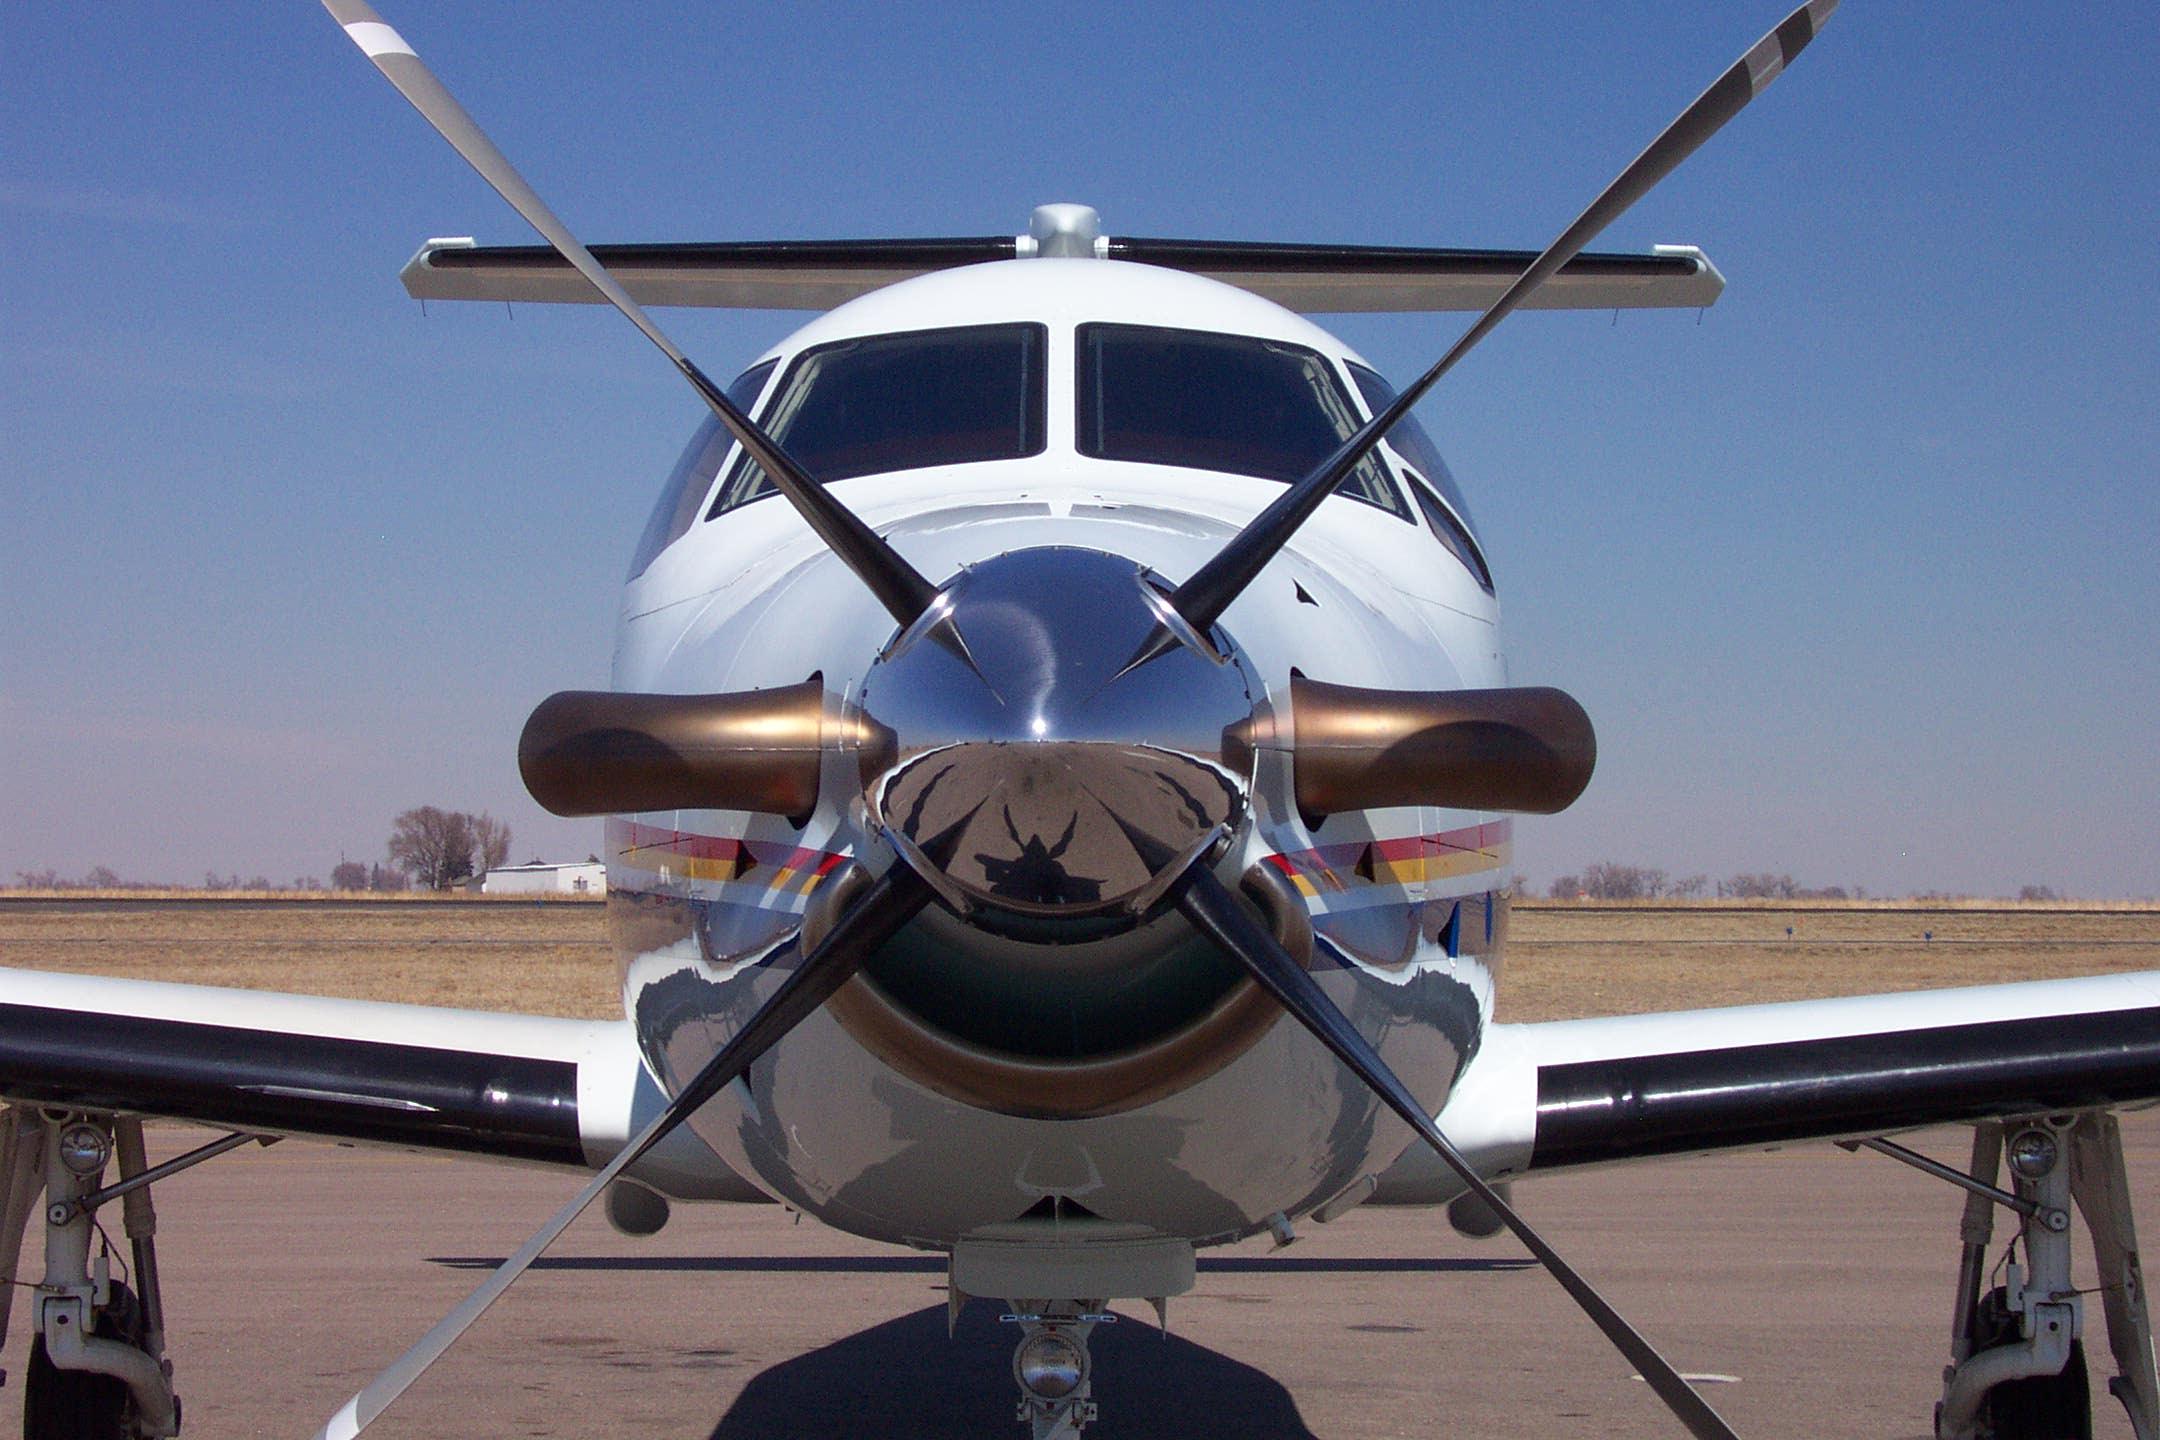 Pilatus PC-12 image